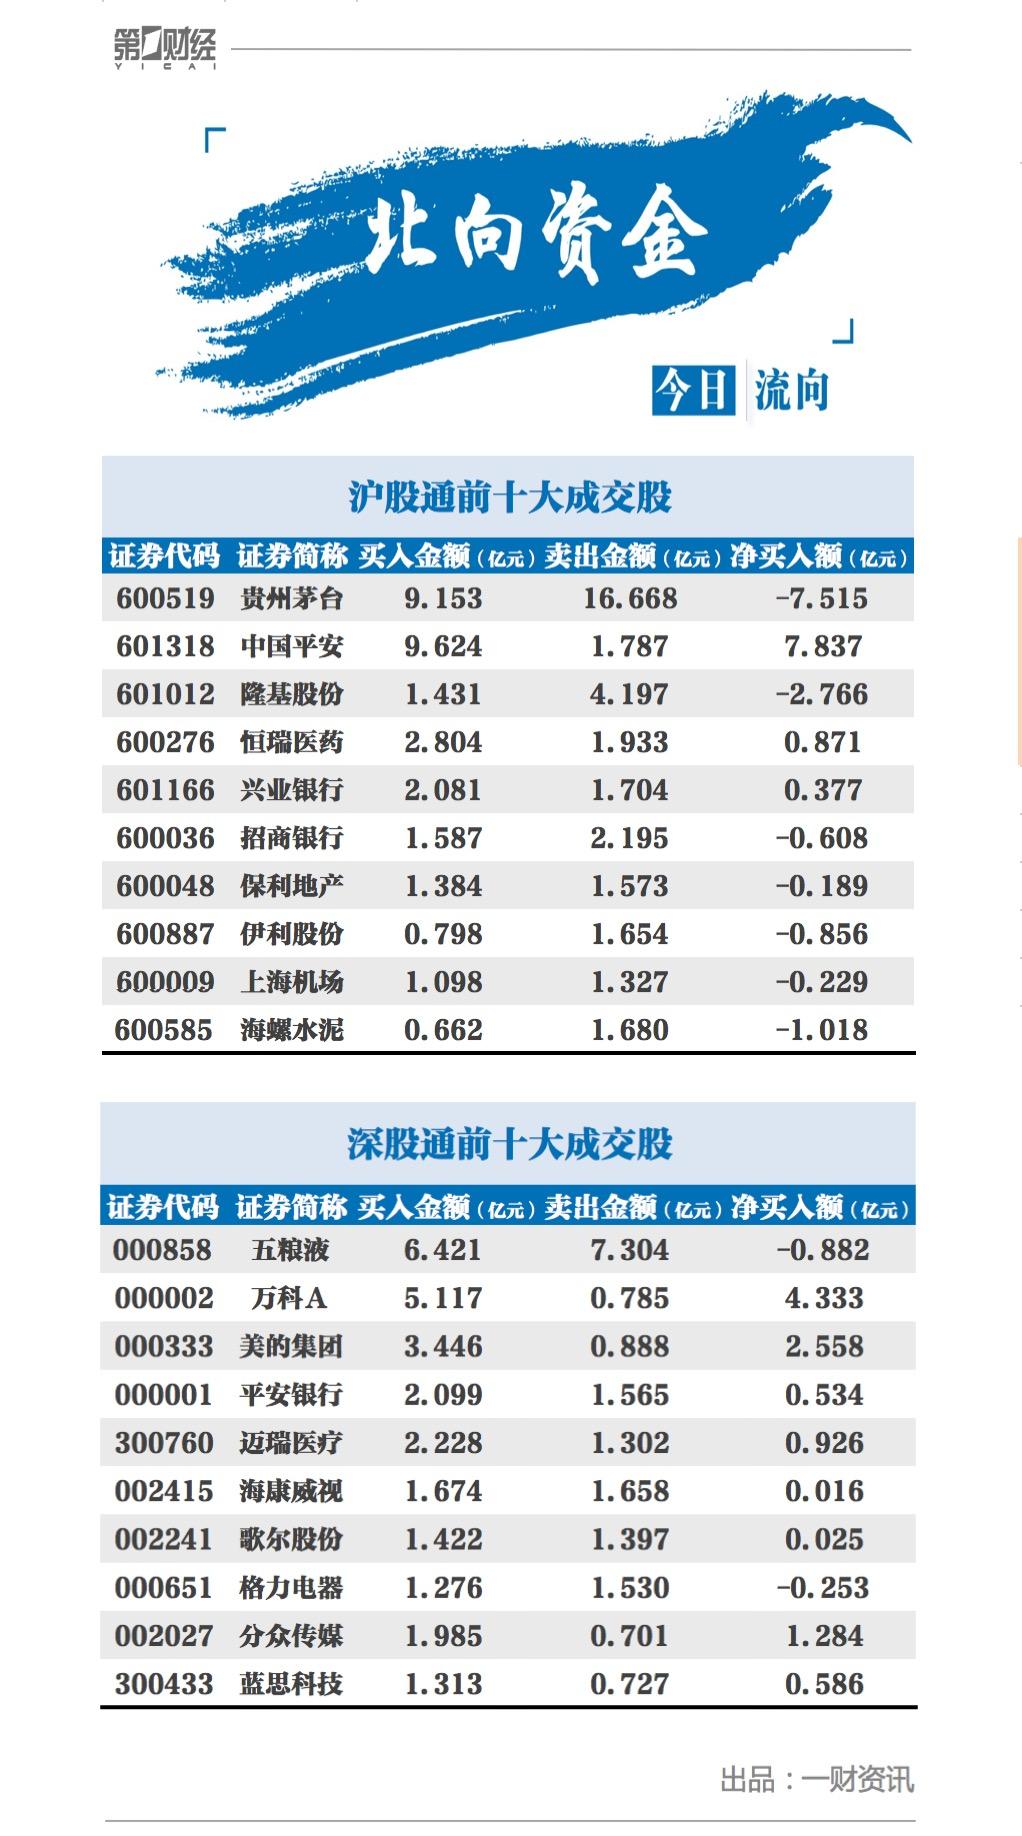 北向资金连续5日净流入,贵州茅台遭净卖出逾7亿元